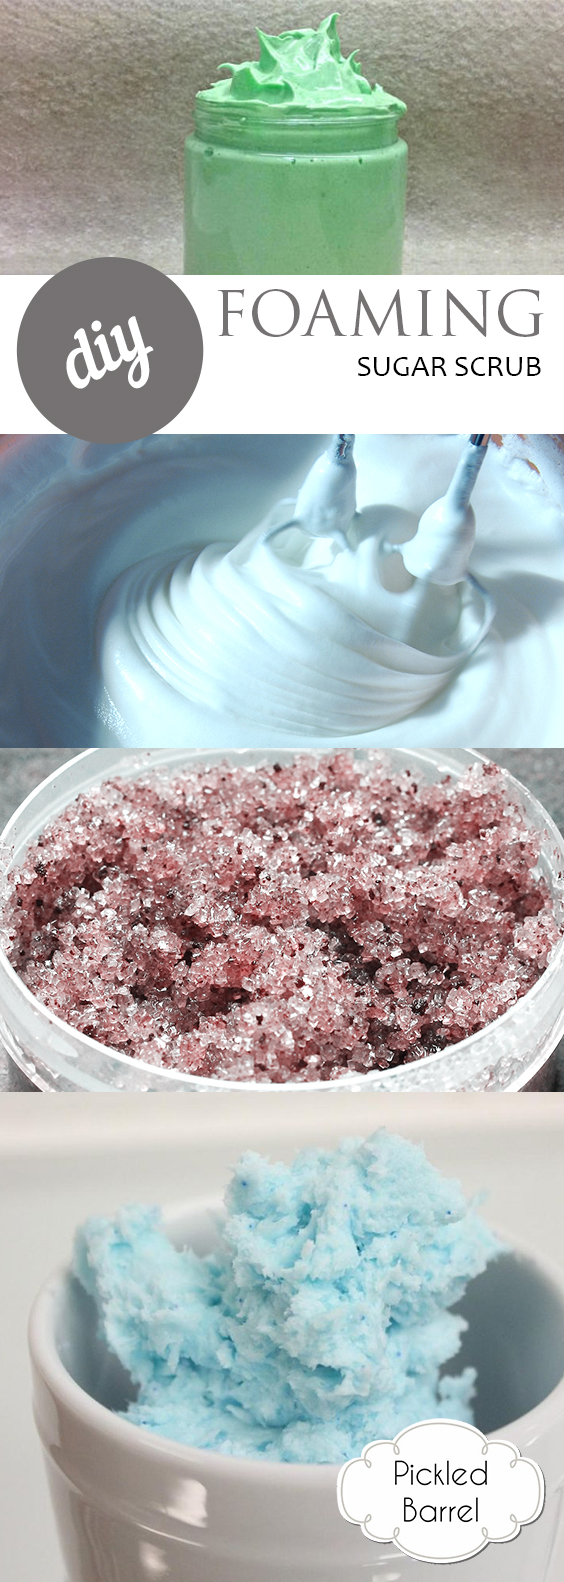 DIY Foaming Sugar Scrub| Sugar Scrub, DIY Sugar Scrub, DIY Beauty, Beauty Products, Popula Pin #DIYBeautyProducts #SugarScrubRecipes